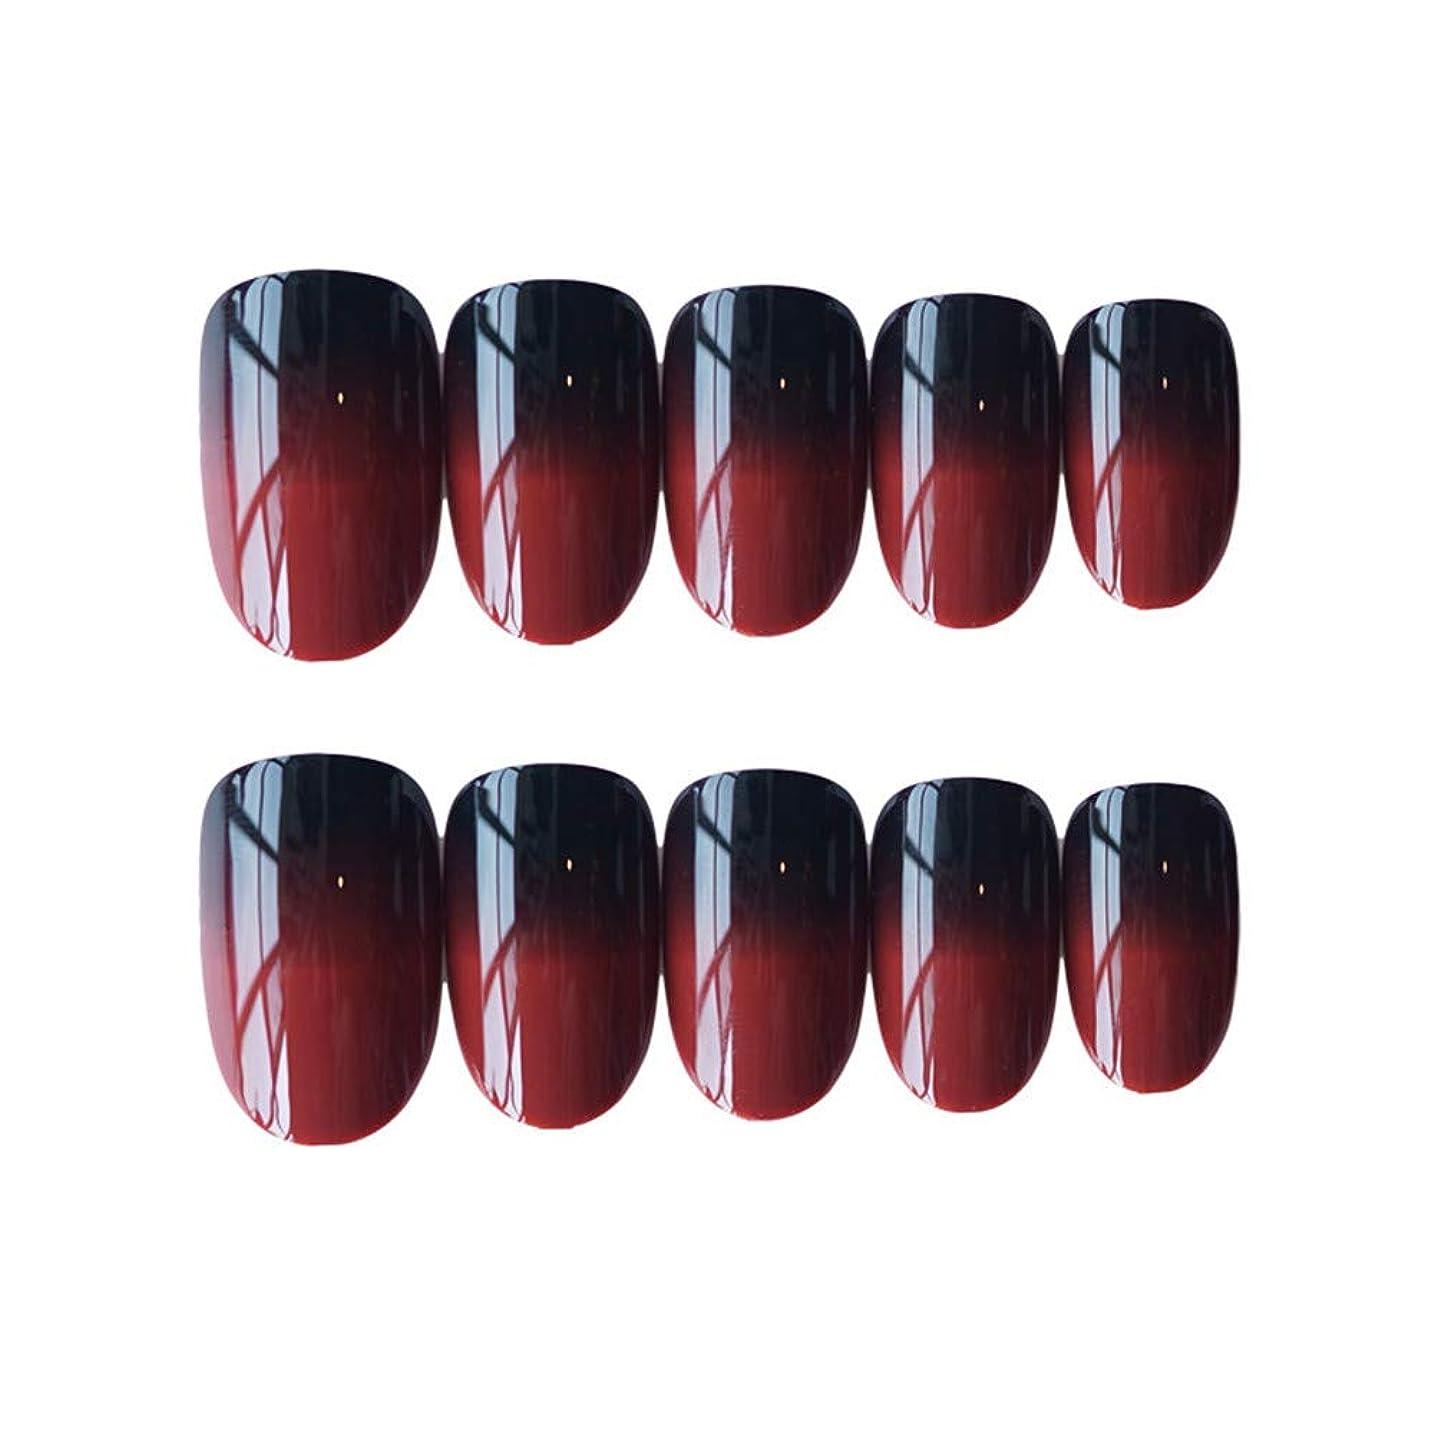 スーパーなめらかユーモラスLVESHOP ブラックレッドグラデーションネイルラップデカールアート転送アップグレードステッカーコレクションマニキュアDIYパッチストリップ ファッショナブルステッカー